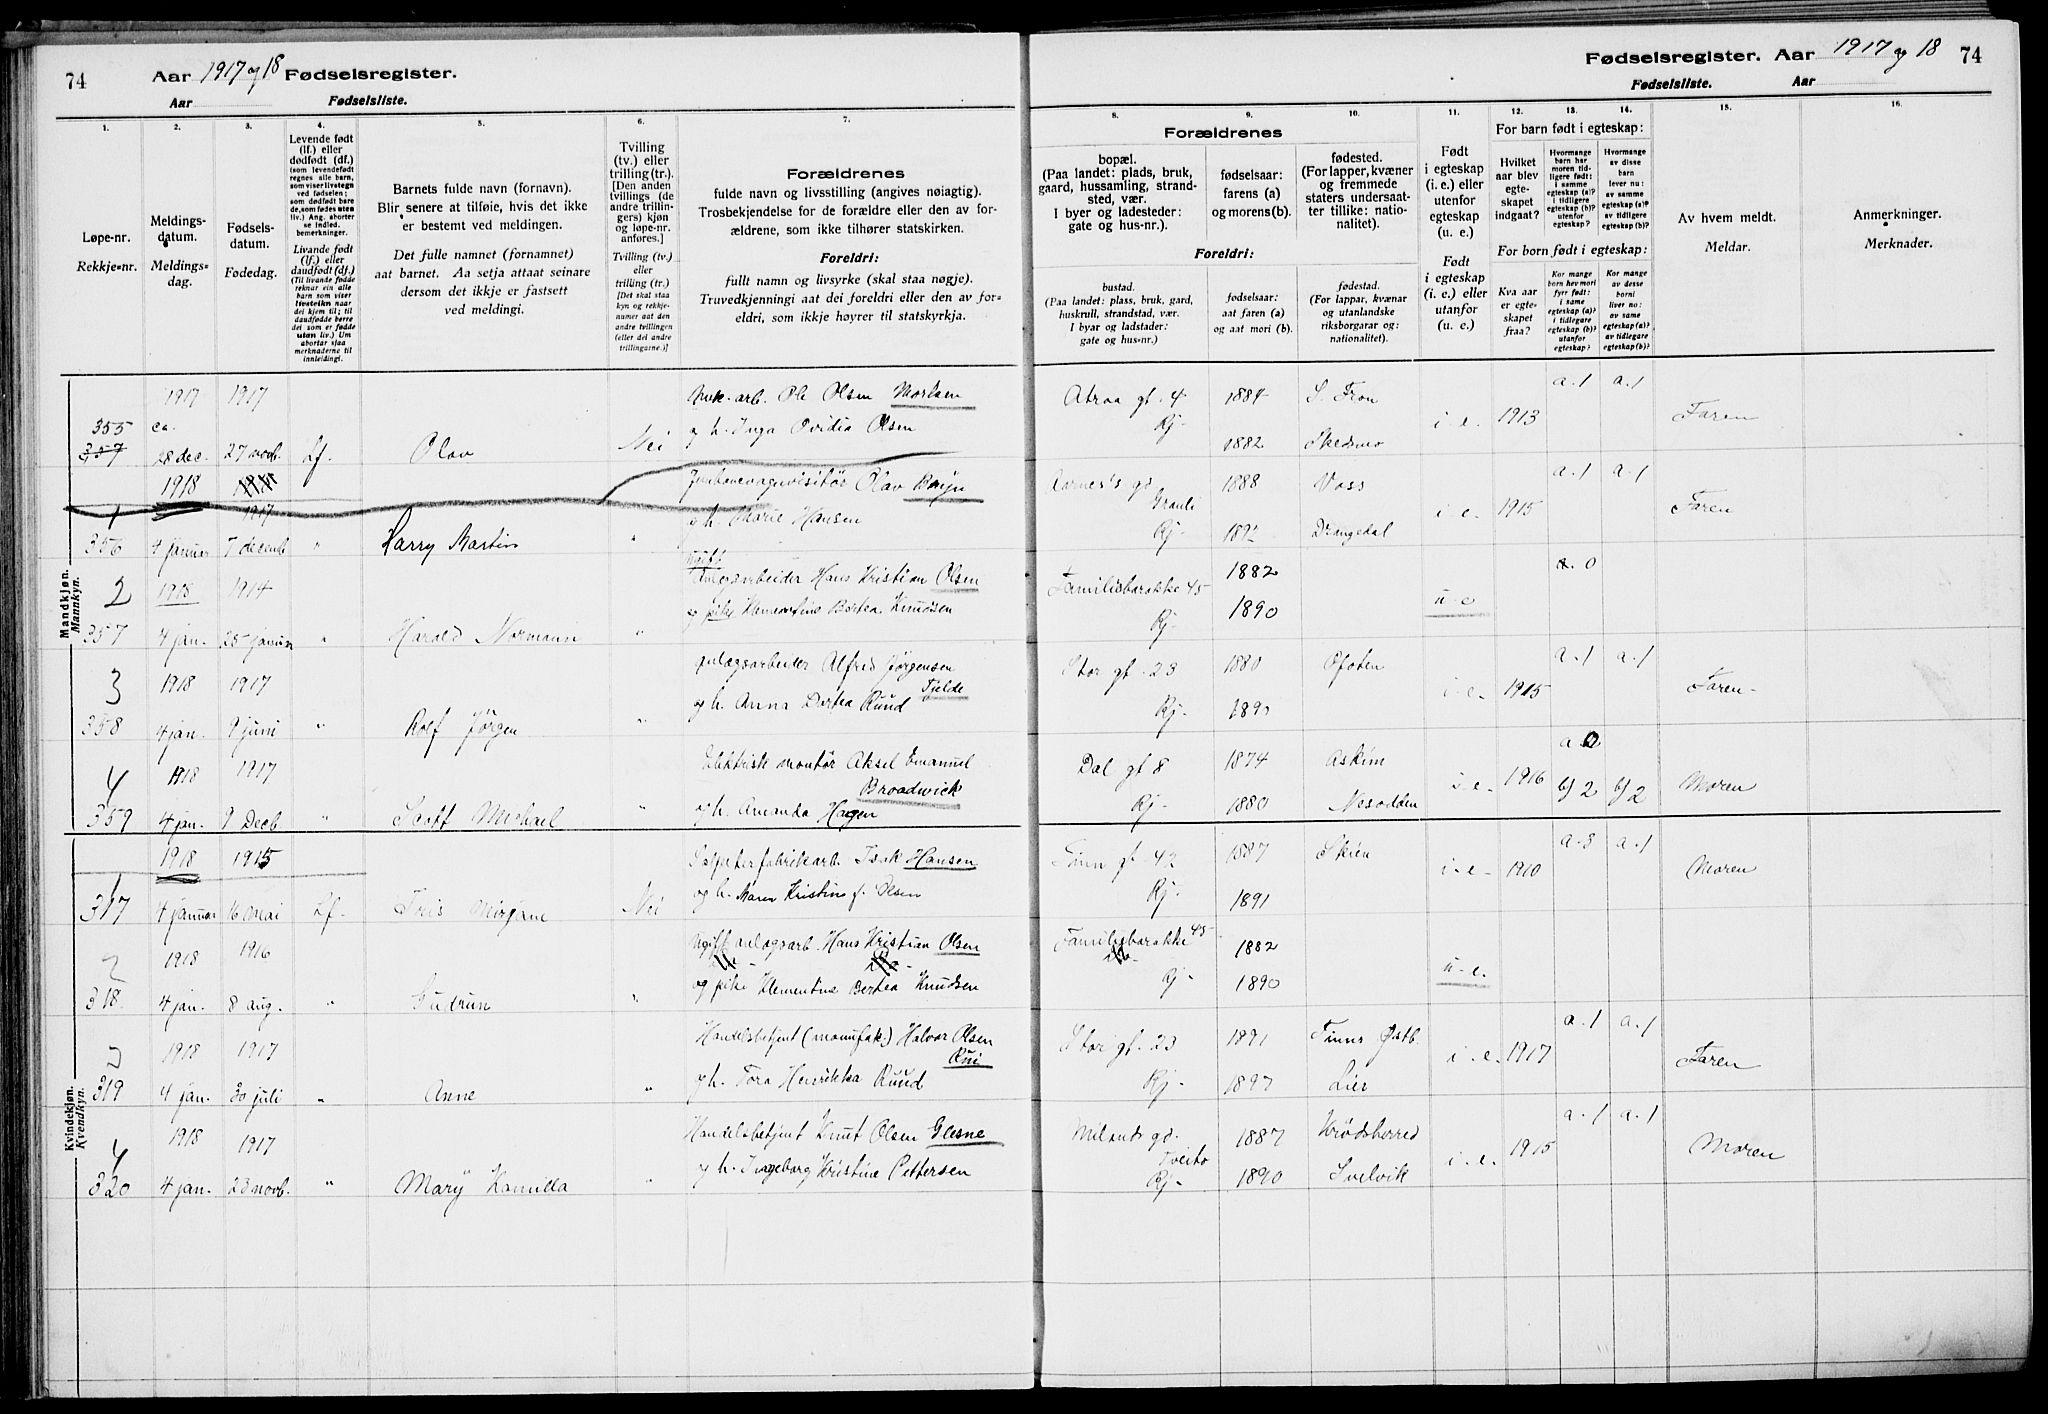 SAKO, Rjukan kirkebøker, J/Ja/L0001: Fødselsregister nr. 1, 1916-1922, s. 74